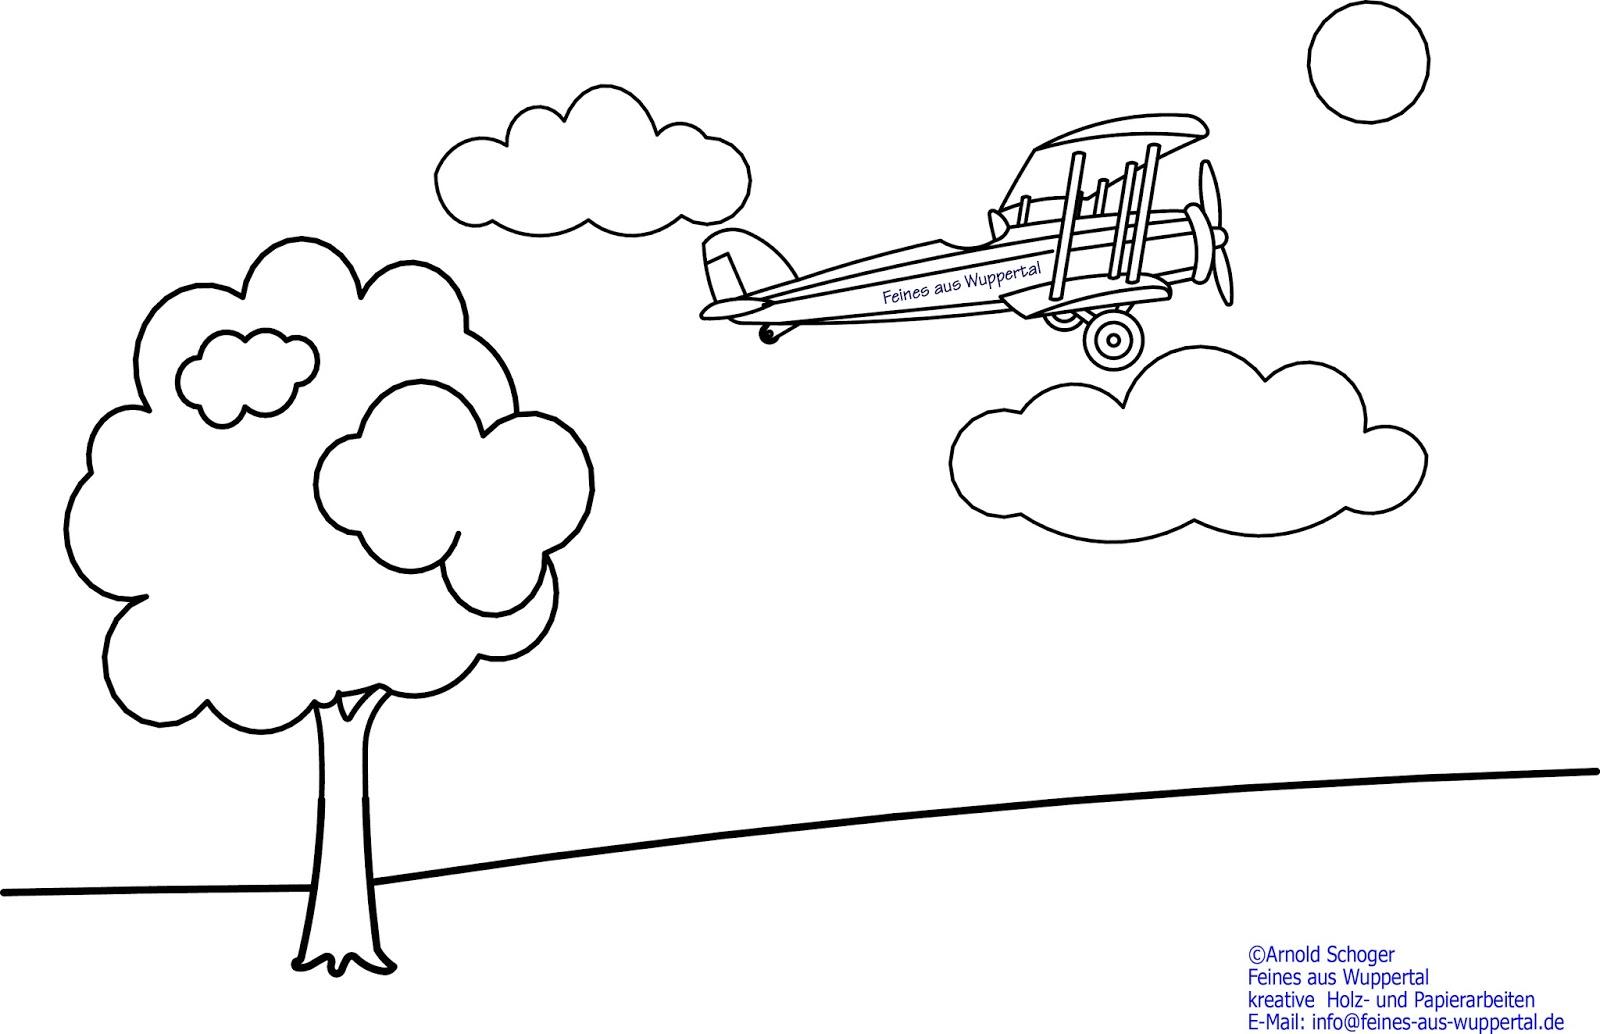 Gratis Ausmalbild Doppeldecker Flugzeug | Laubsägen und Holzwerken